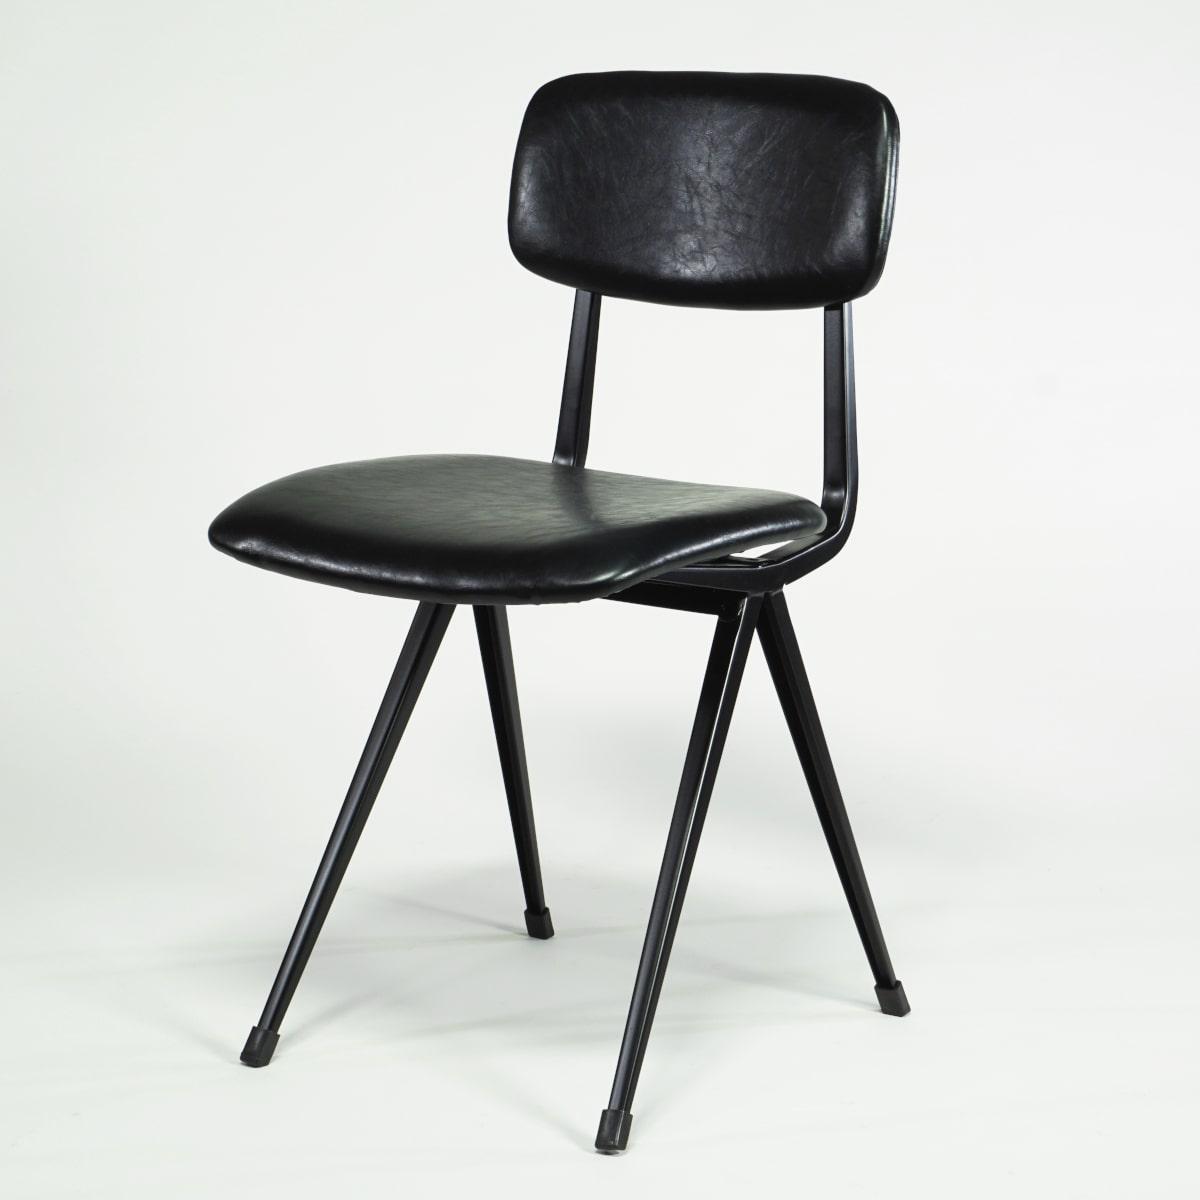 Stuhl wie Friso Kramer Design Stuhl